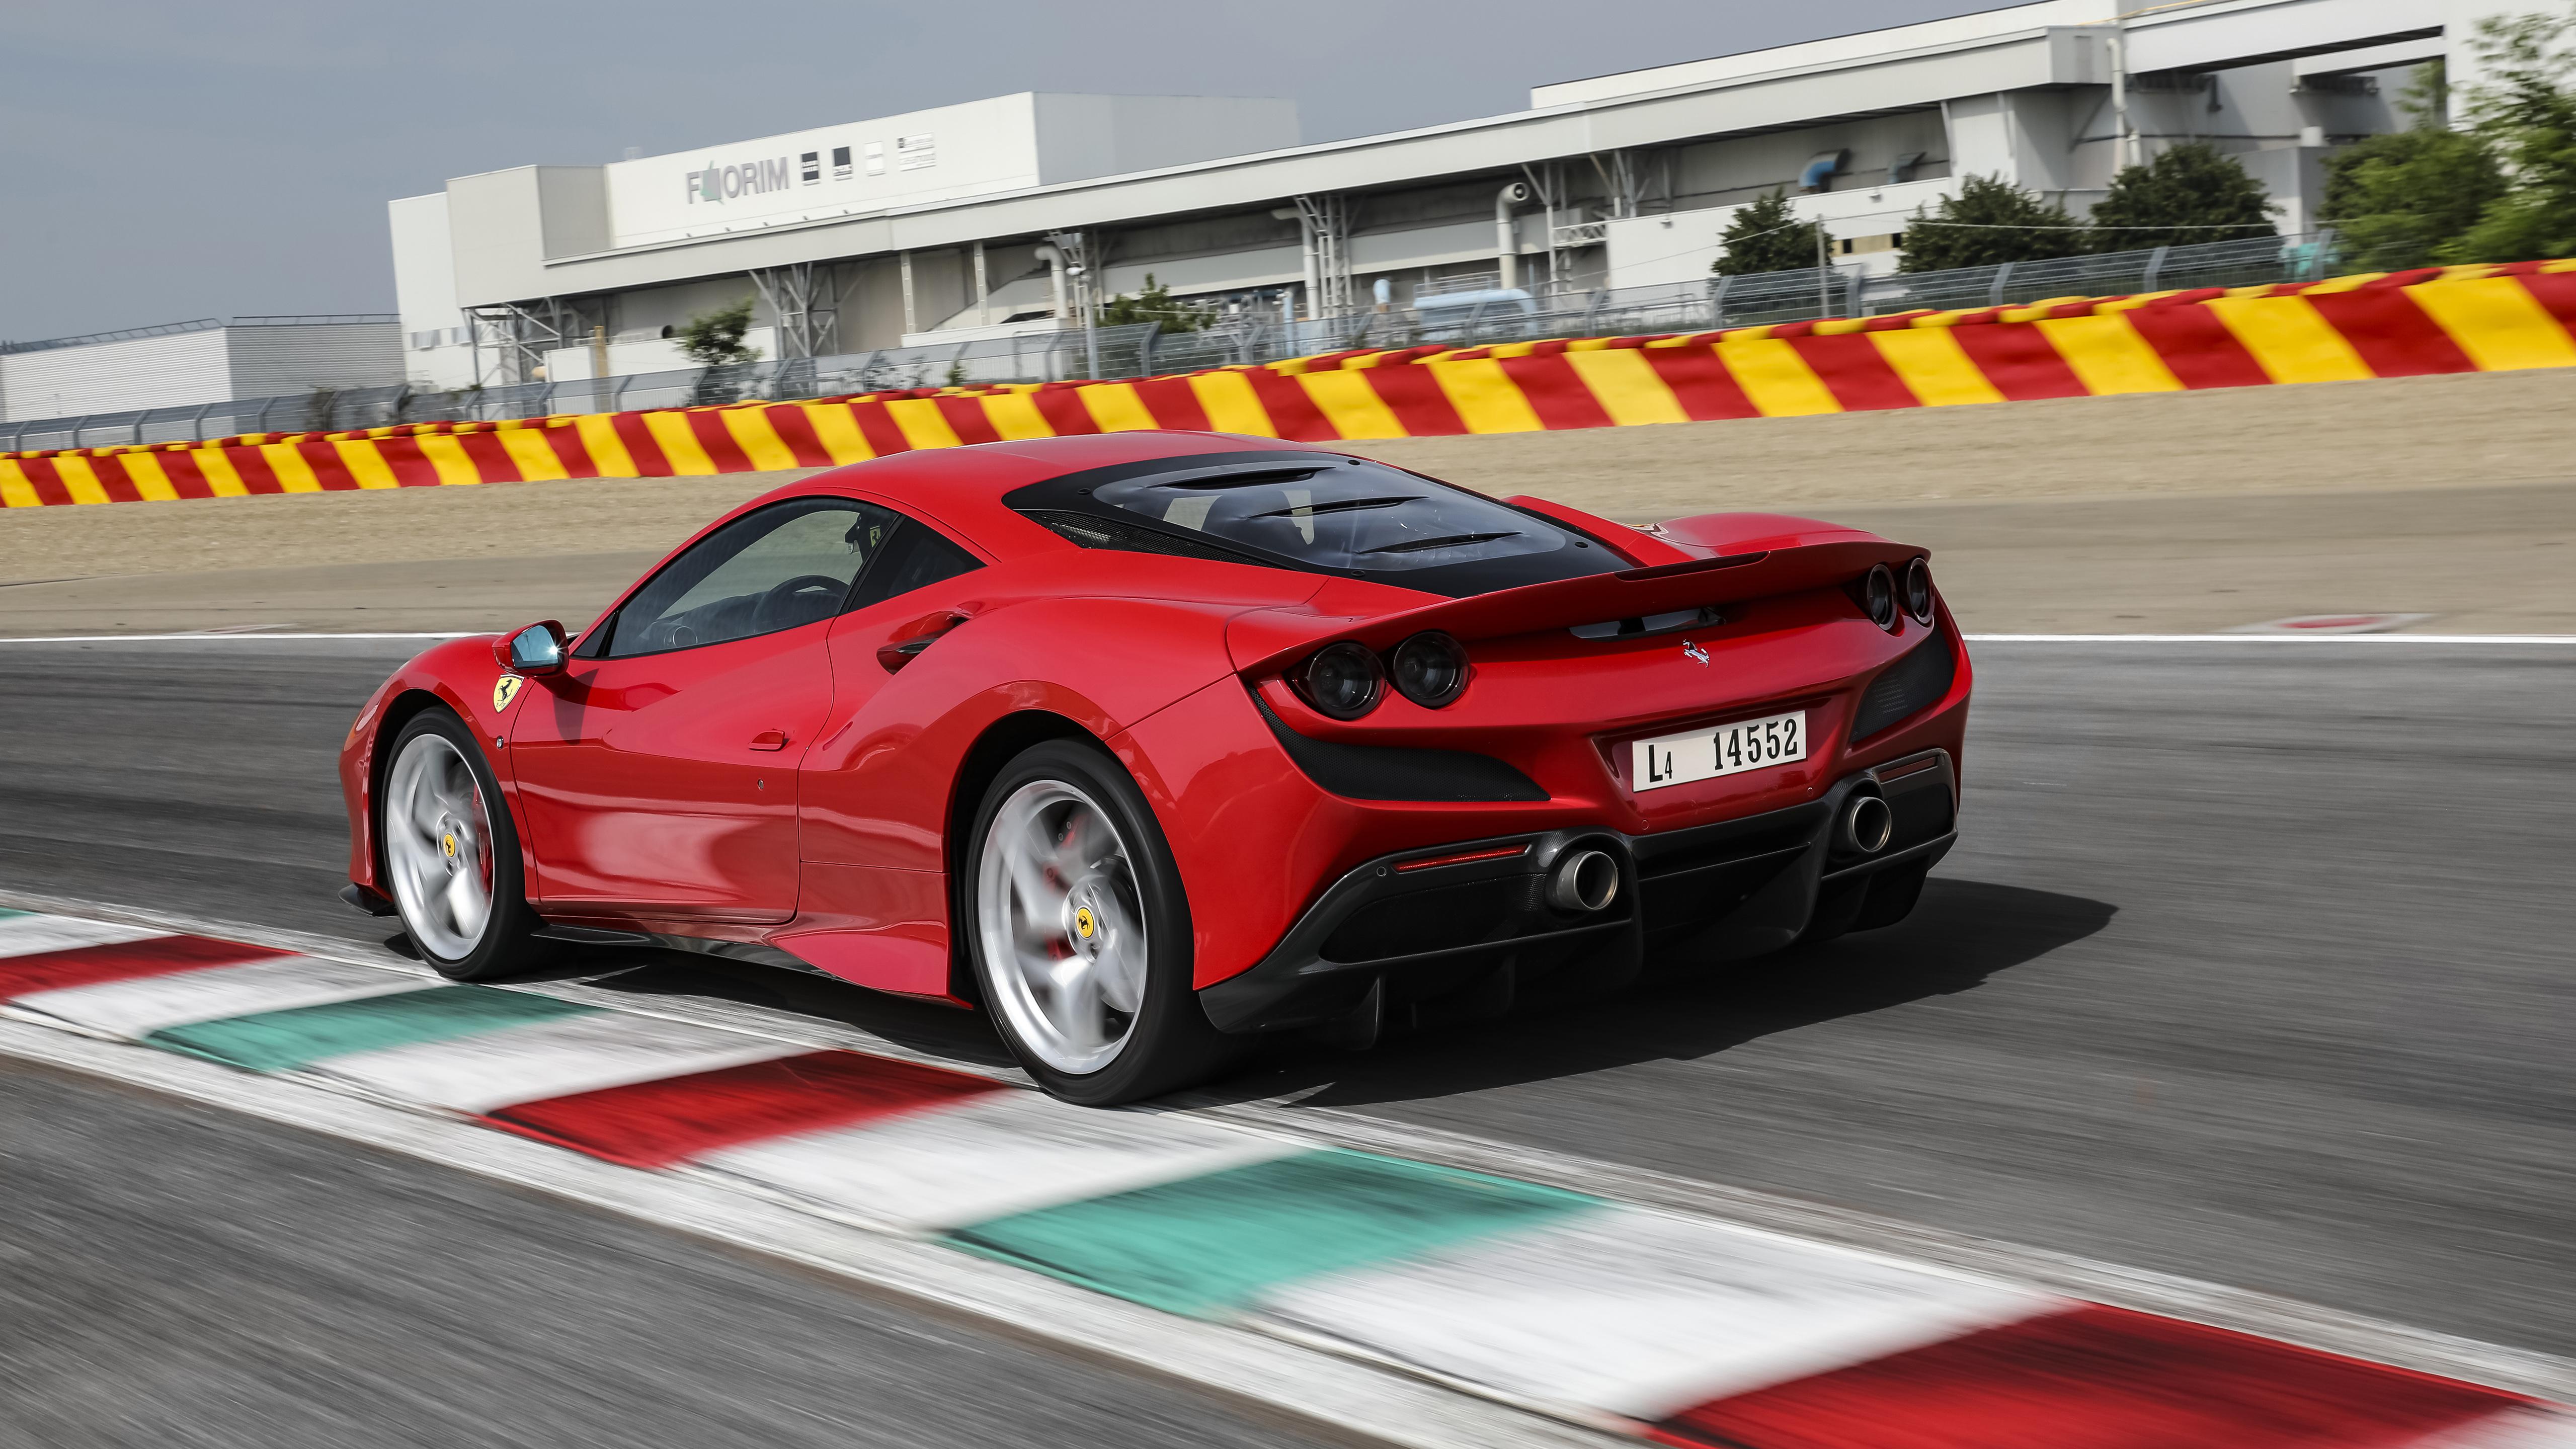 Ferrari F8 Tributo 2019 4k 3 Wallpaper Hd Car Wallpapers Id 13252 Ferrari f8 spider 2019 4k 3 wallpaper